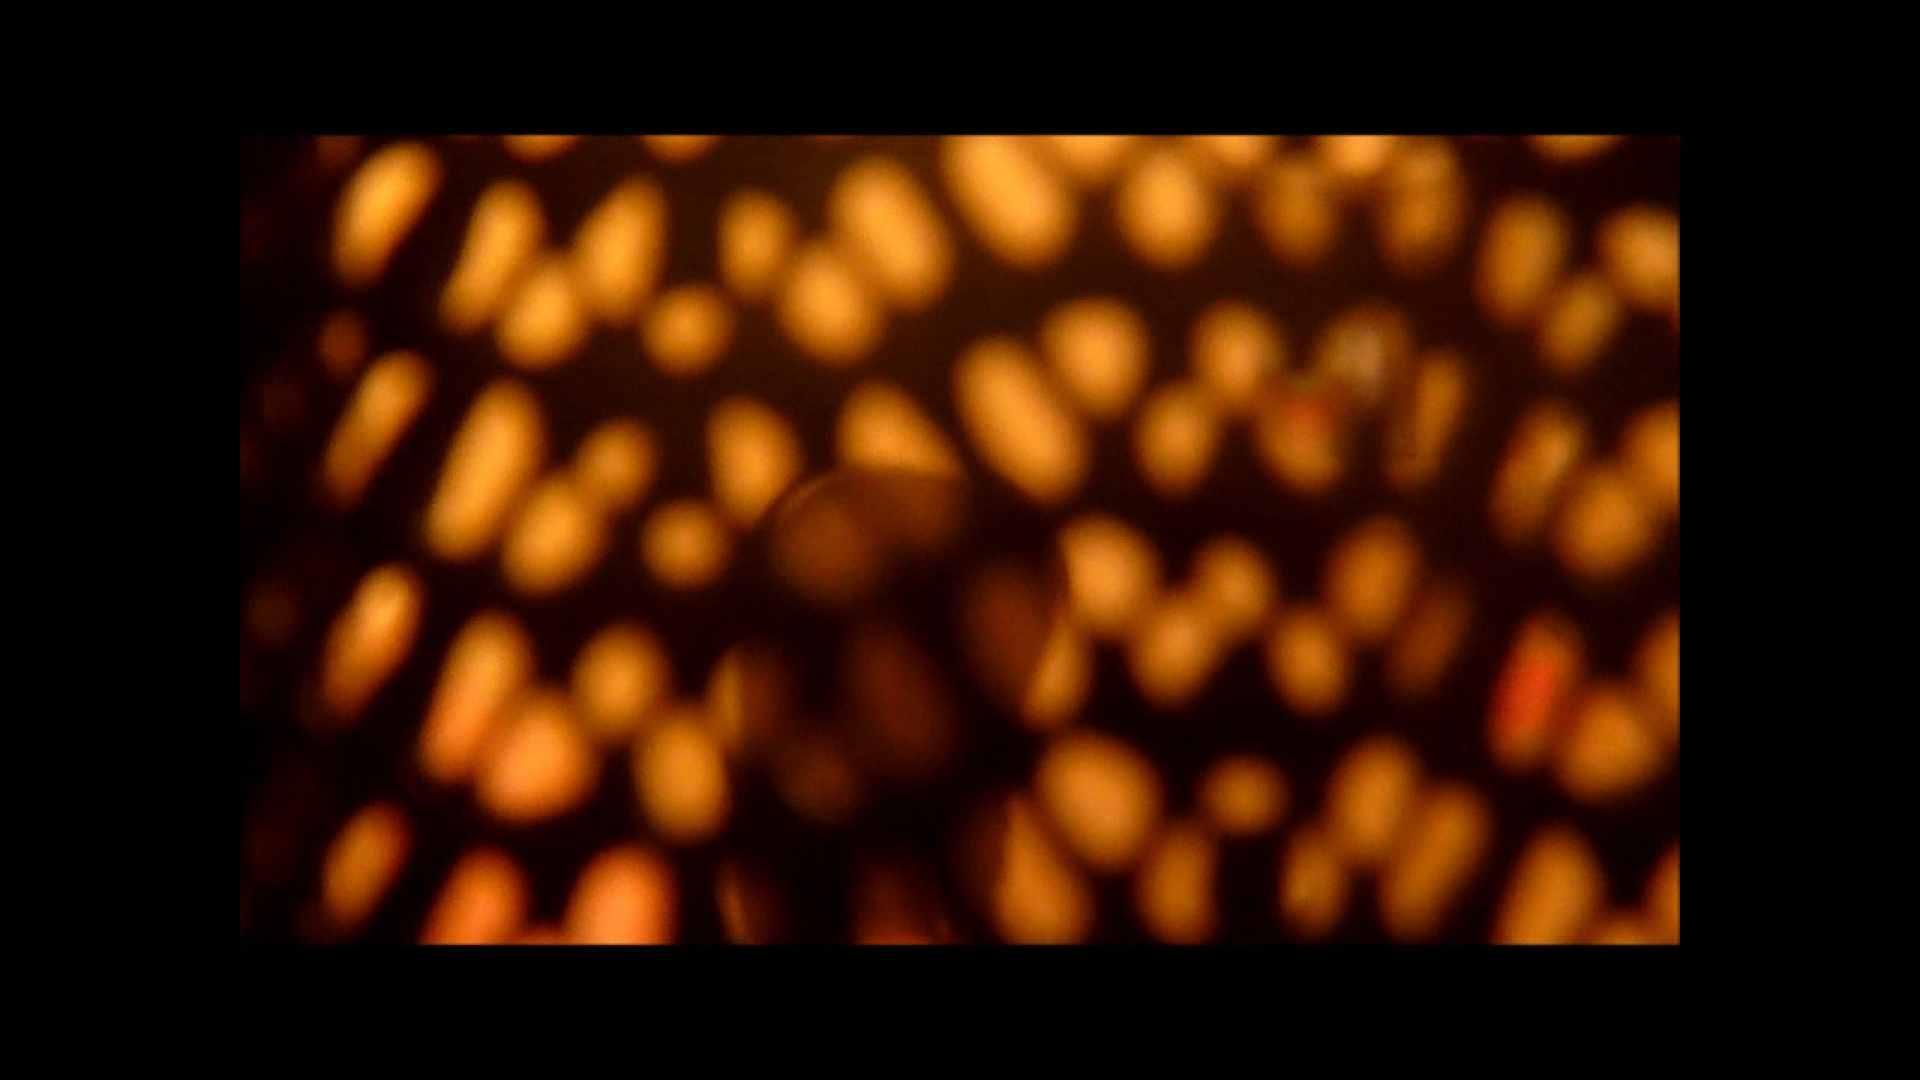 【02】ベランダに侵入して張り込みを始めて・・・やっと結果が出ました。 覗き ヌード画像 79pic 49